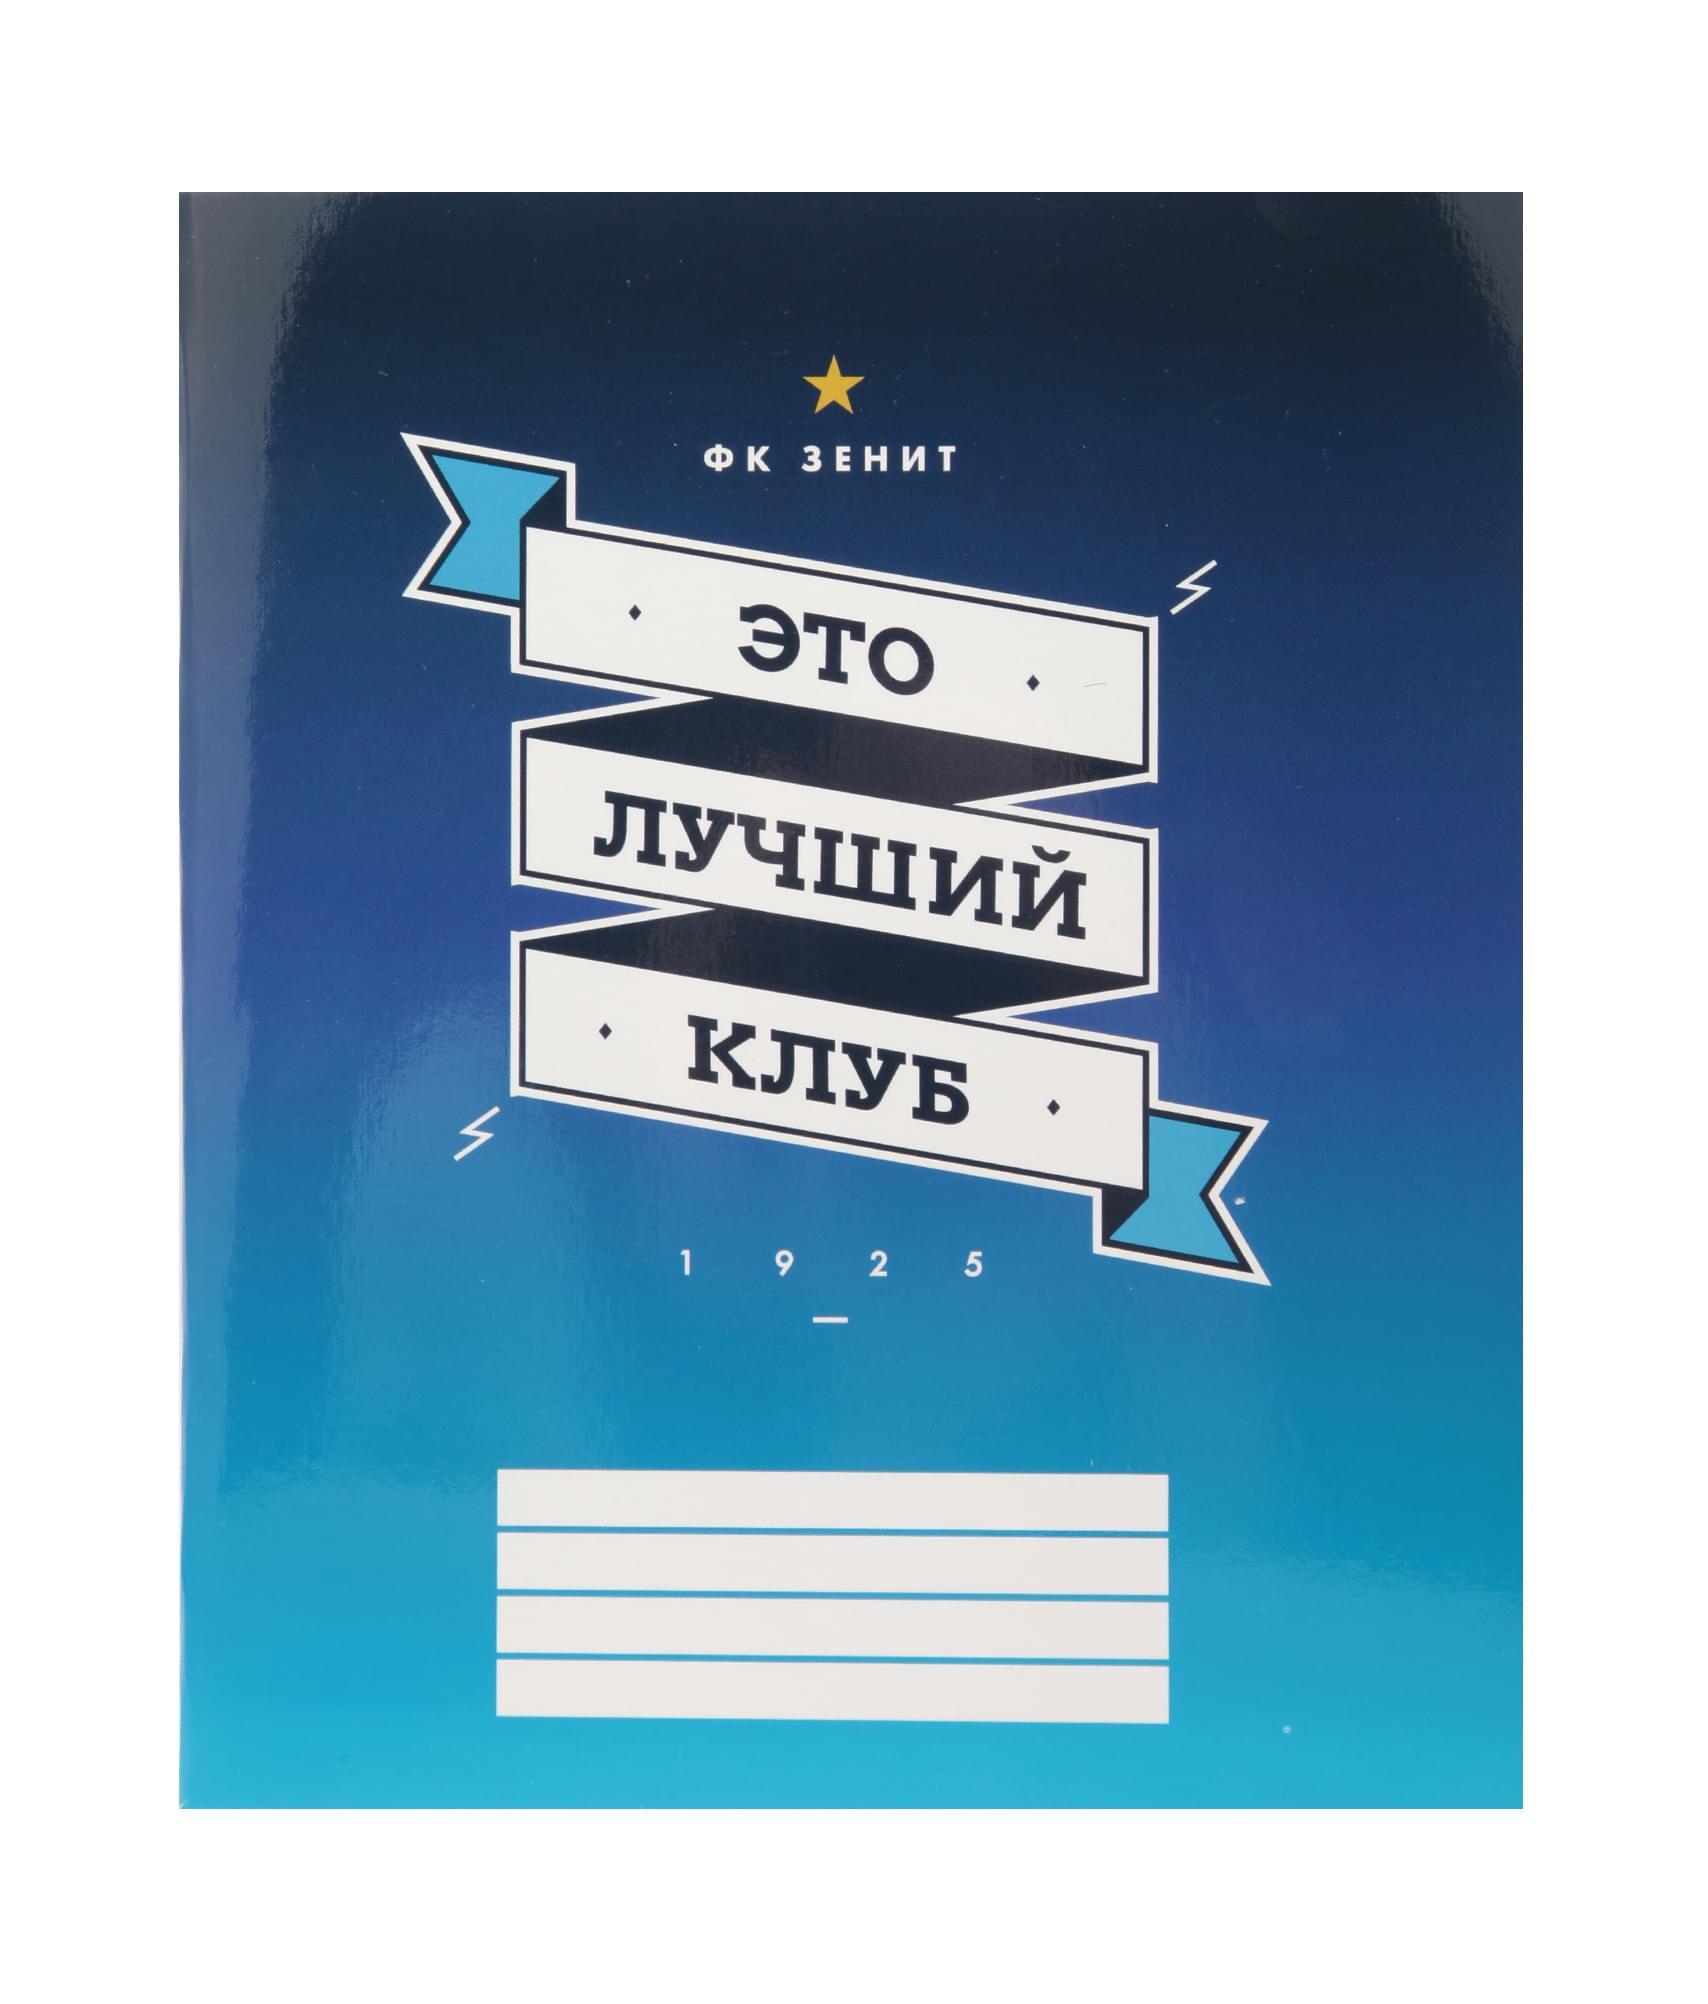 Тетрадь «Это лучший клуб», 48 листов Зенит